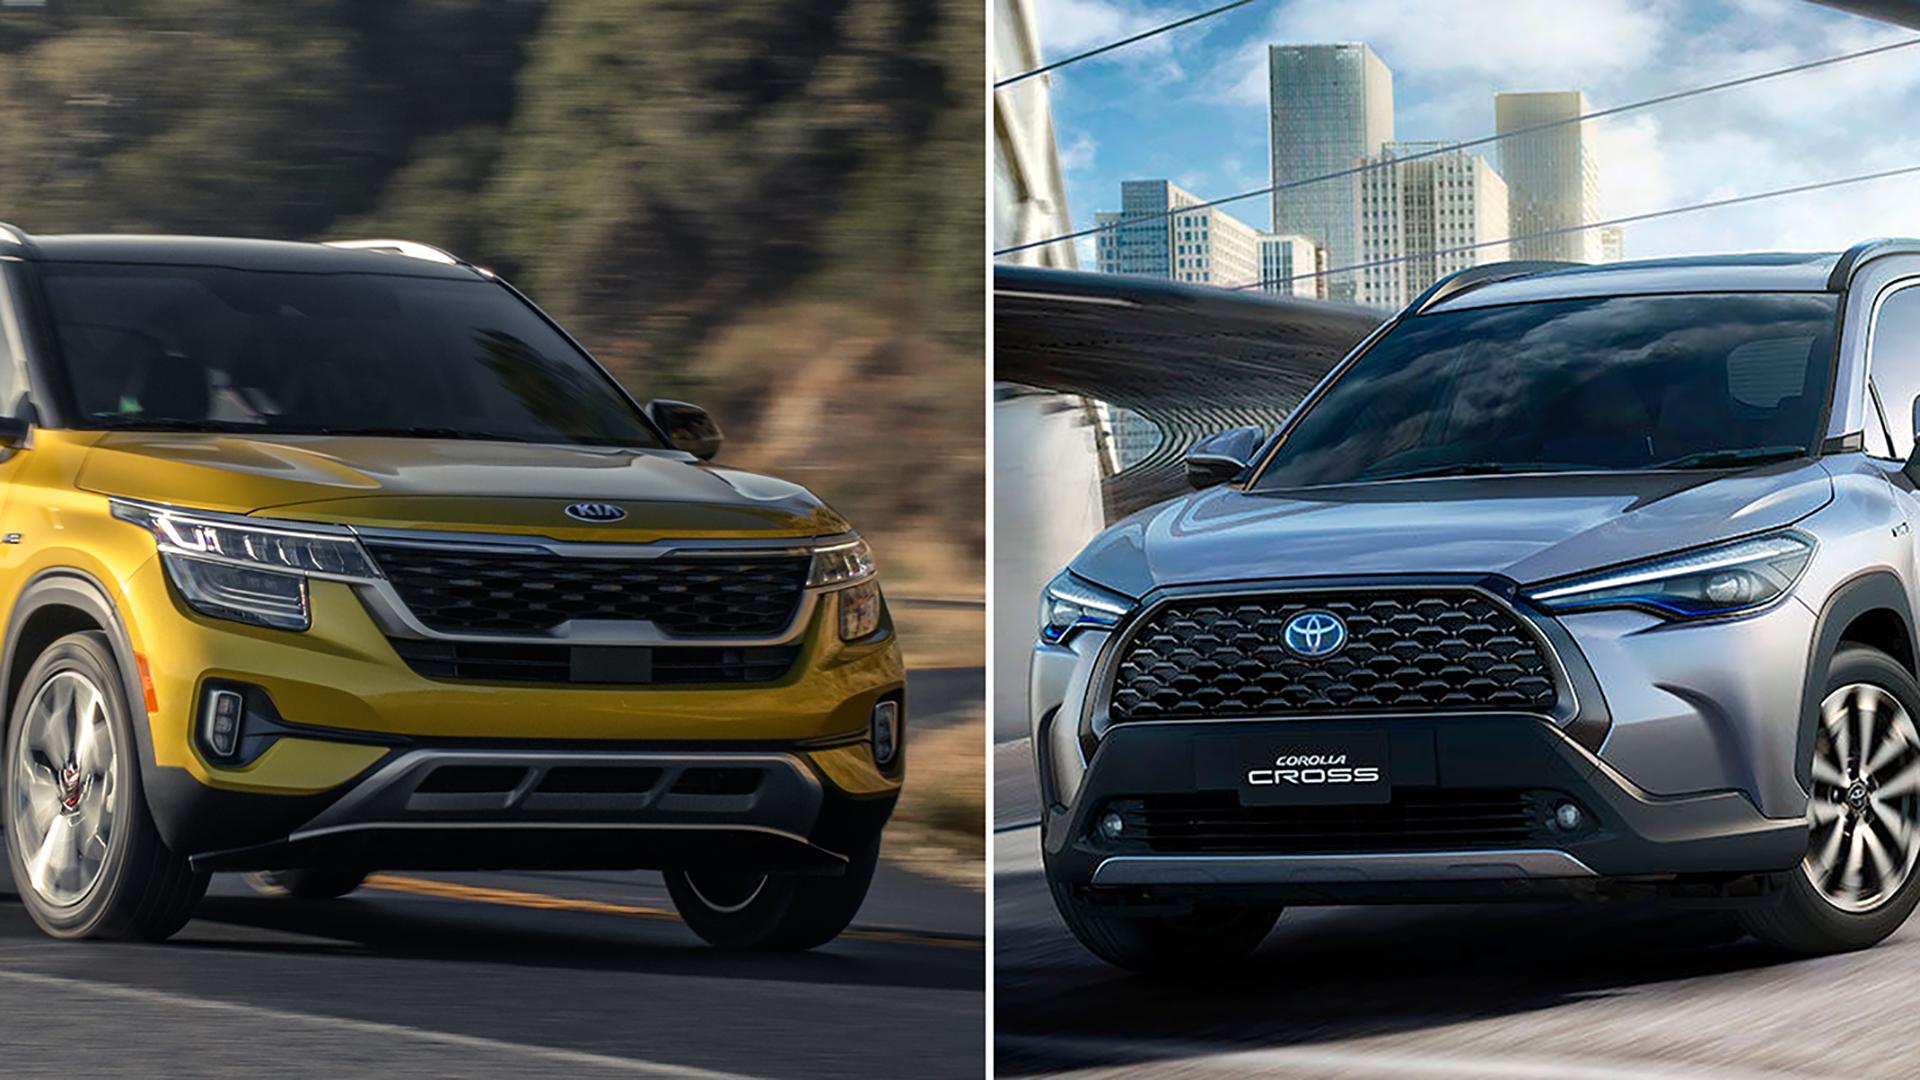 So sánh Kia Seltos và Toyota Corolla Cross - Cặp đôi SUV SIÊU HOT sắp về Việt Nam